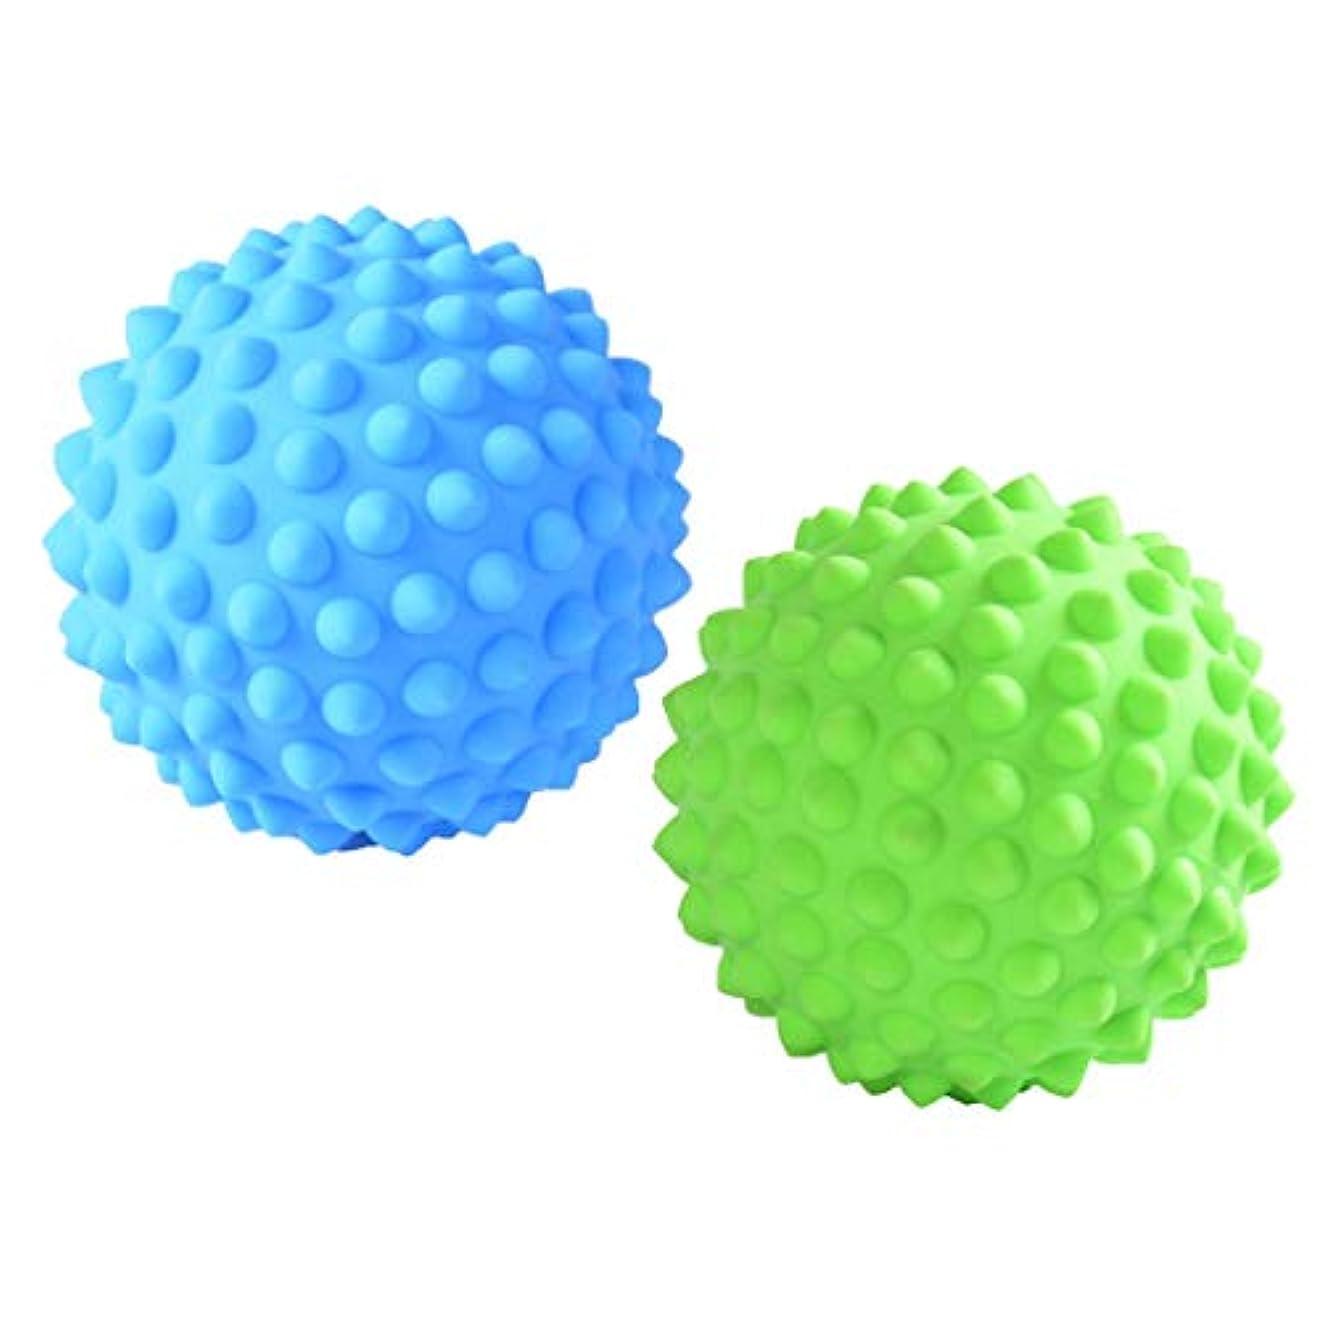 マーティンルーサーキングジュニアカウンタいつでもマッサージローラーボール マッサージローラー 指圧ボール トリガーポイント 筋膜リリース 2個入